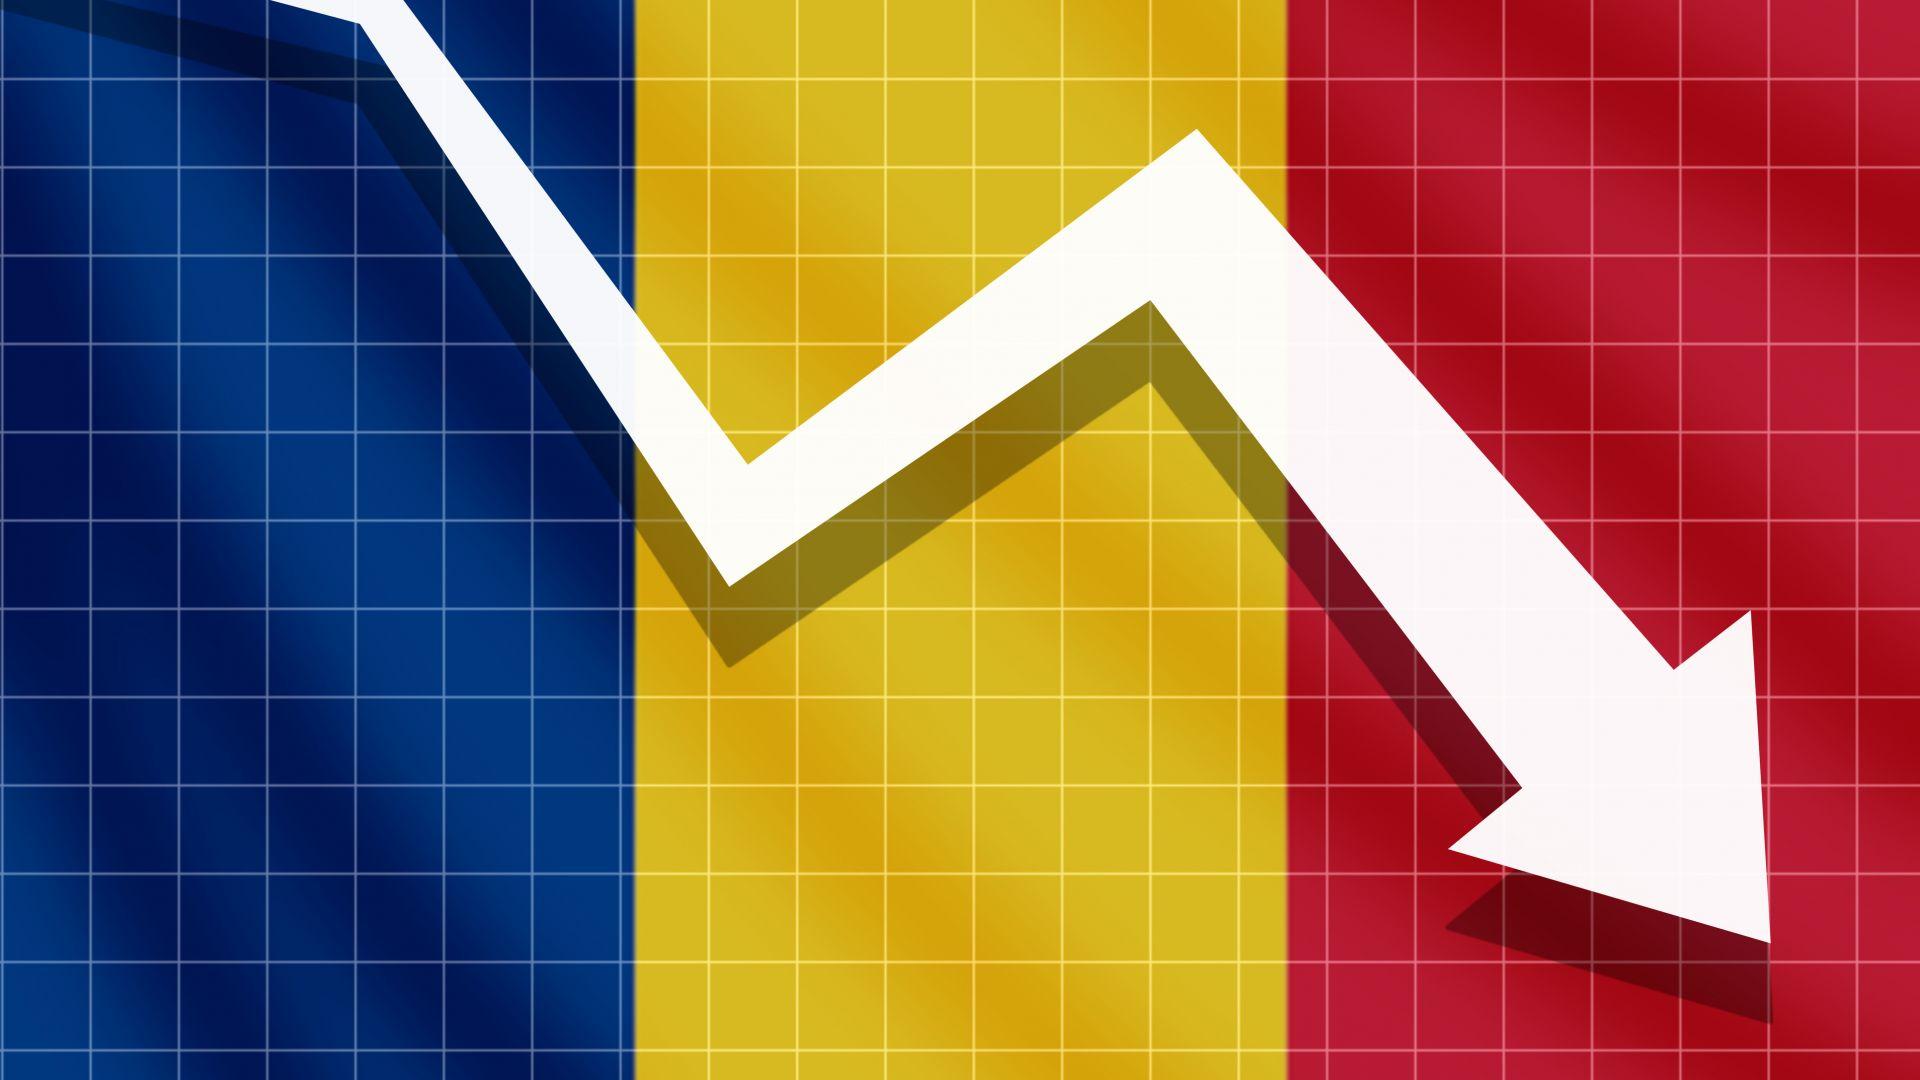 Външният дълг на Румъния скочи с над € 8 млрд. само за 7 месеца